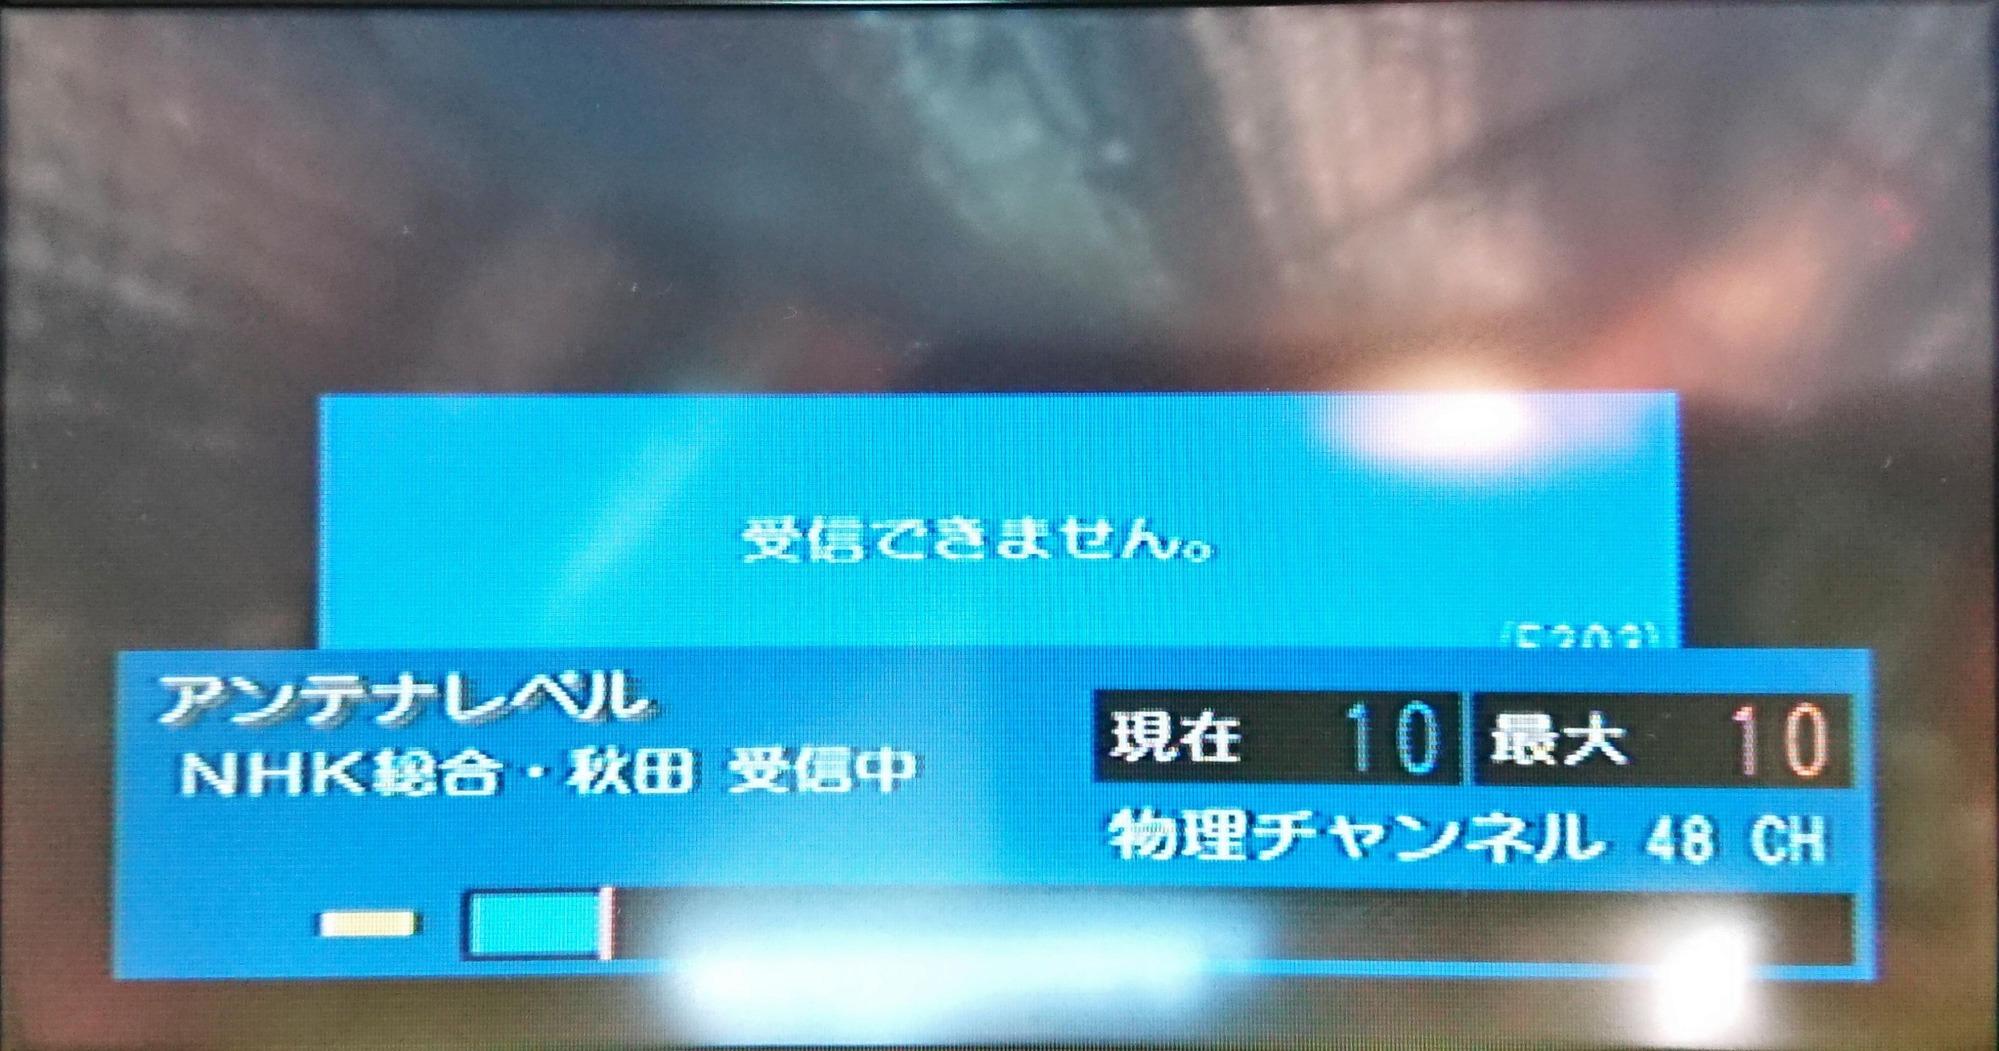 NHK Nanawa